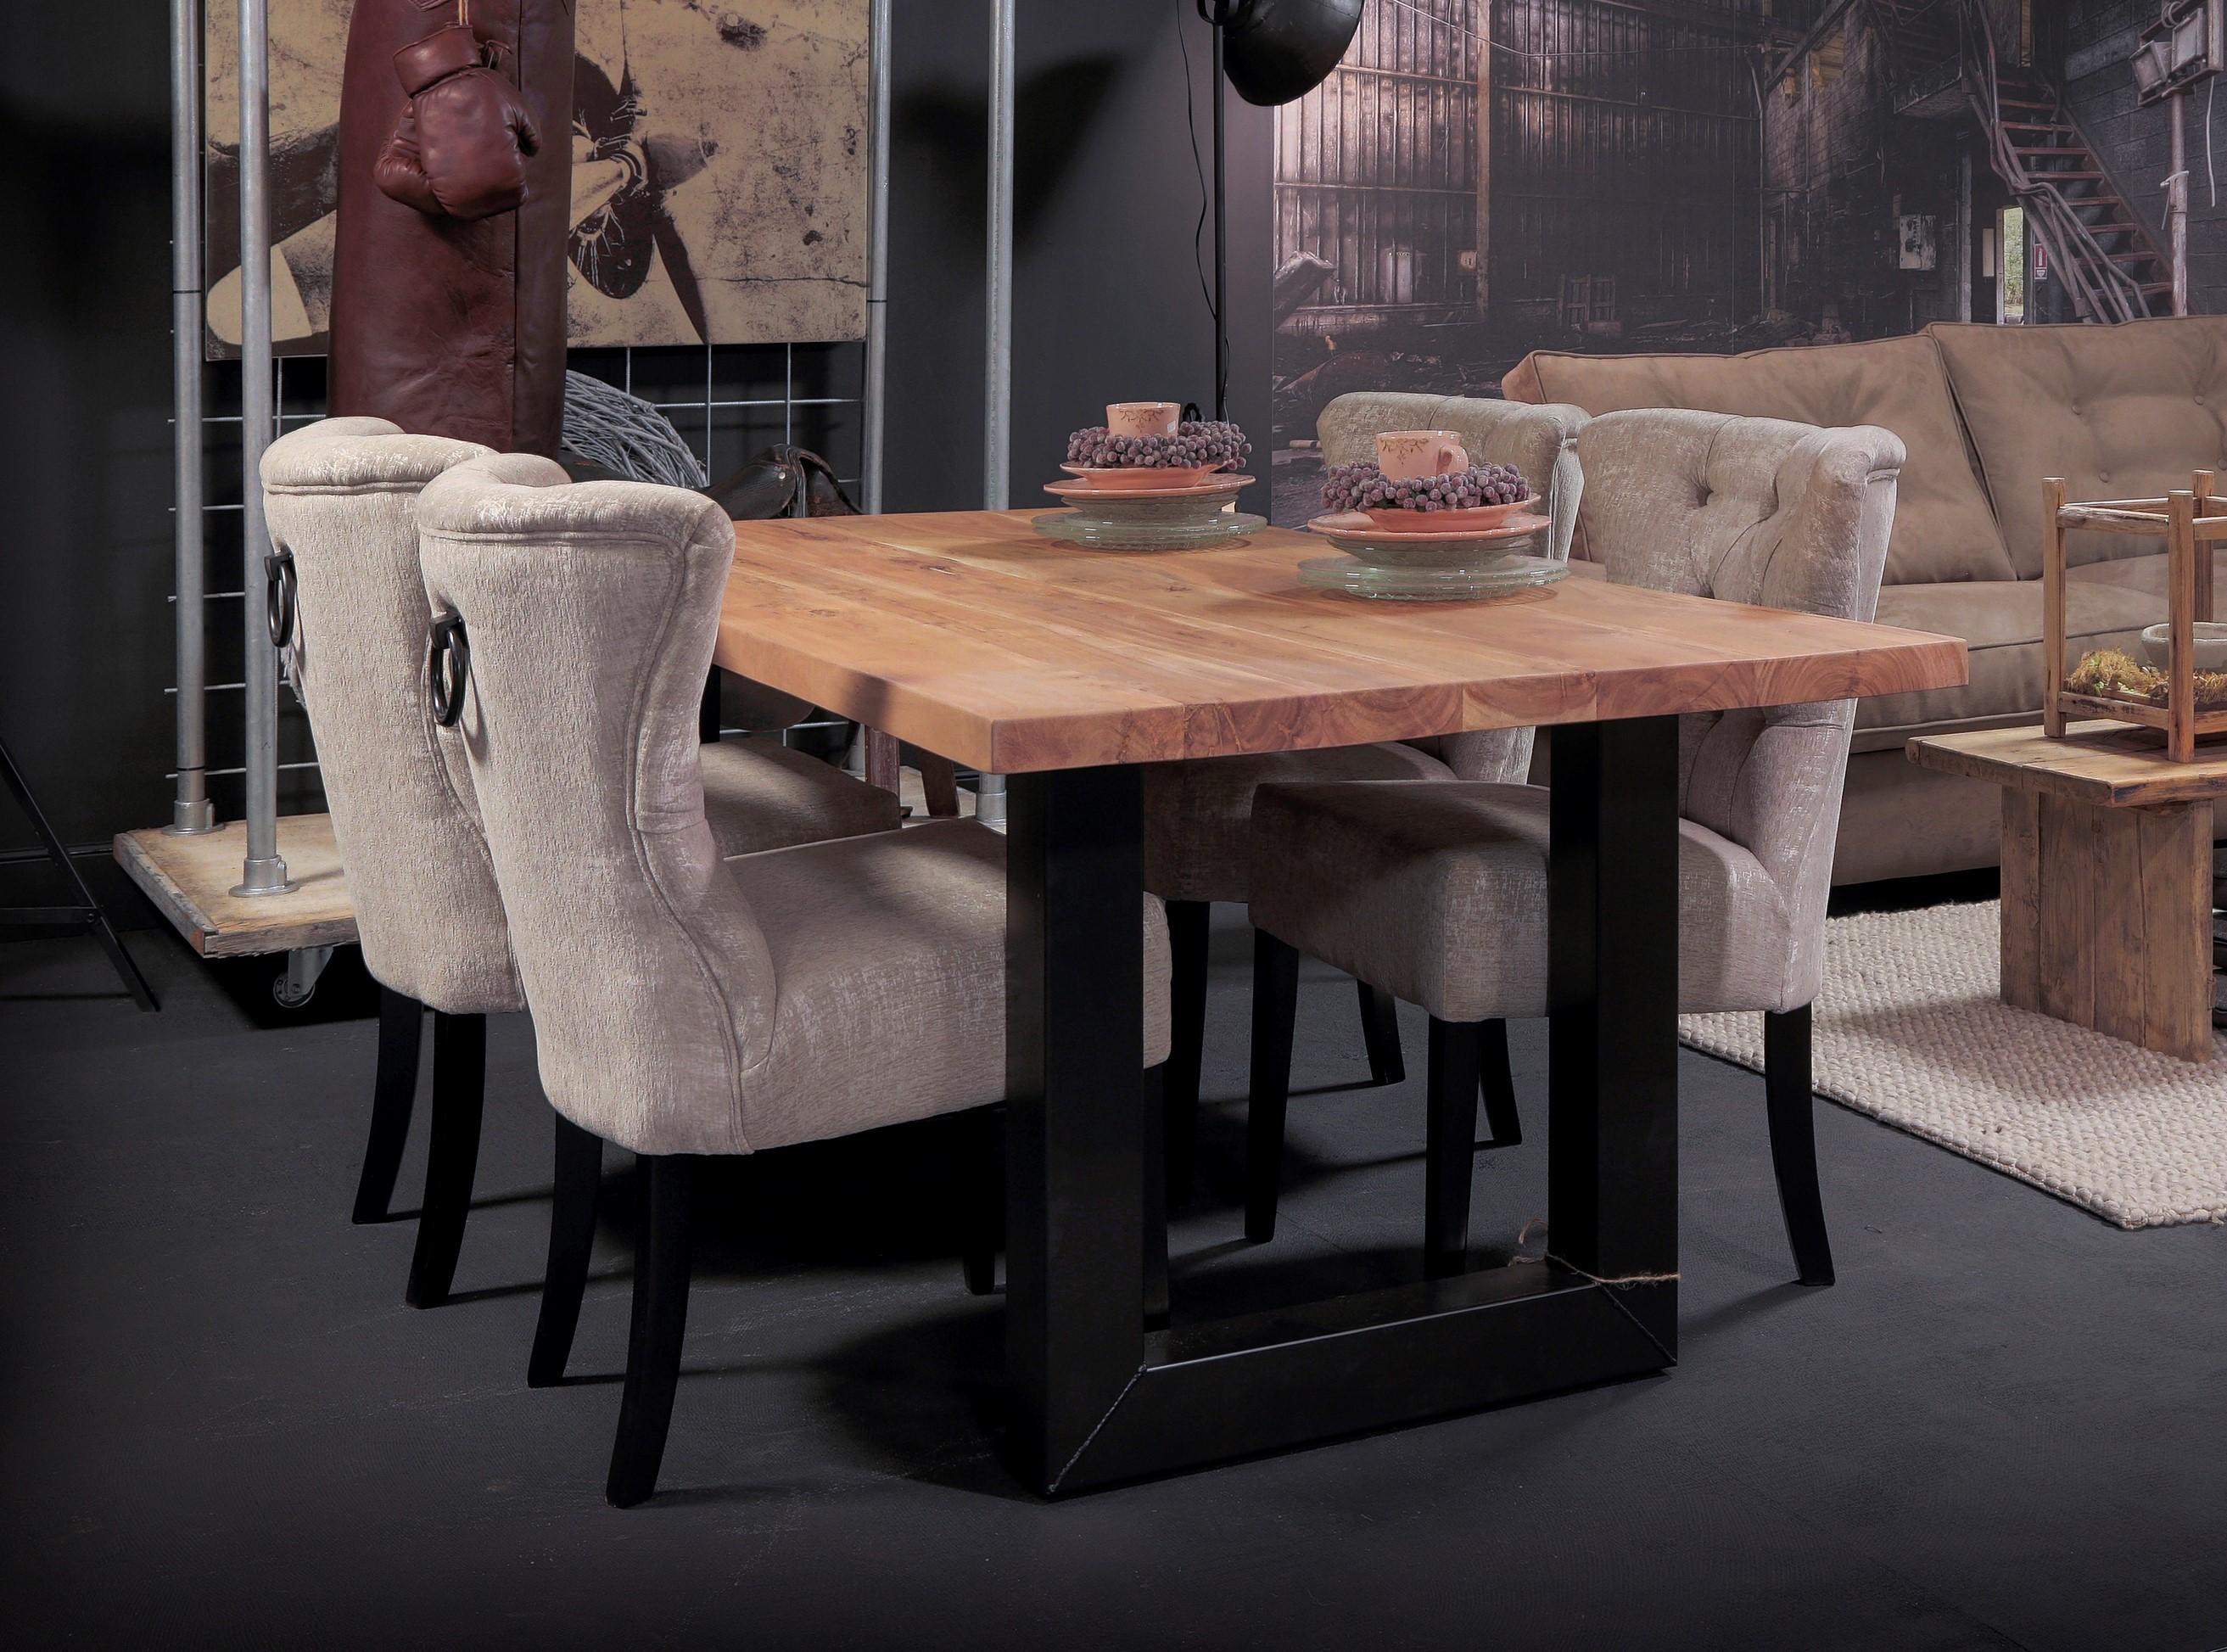 Eettafel hout tafelblad met industriële stalen poten. Landelijke eettafel opstelling.